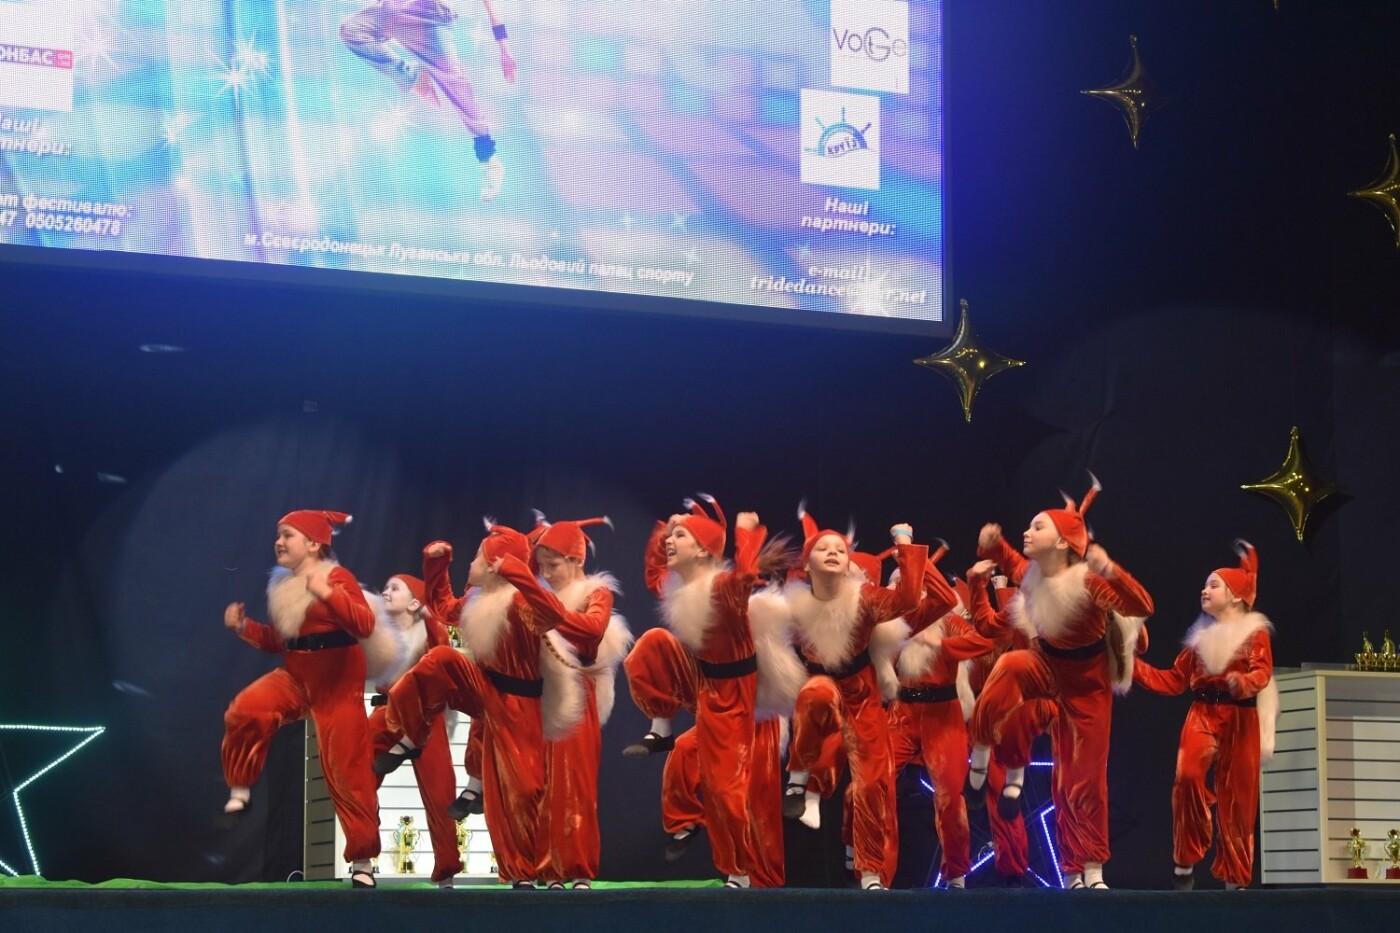 В Северодонецке прошел Всеукраинский фестиваль хореографического искусства , фото-7